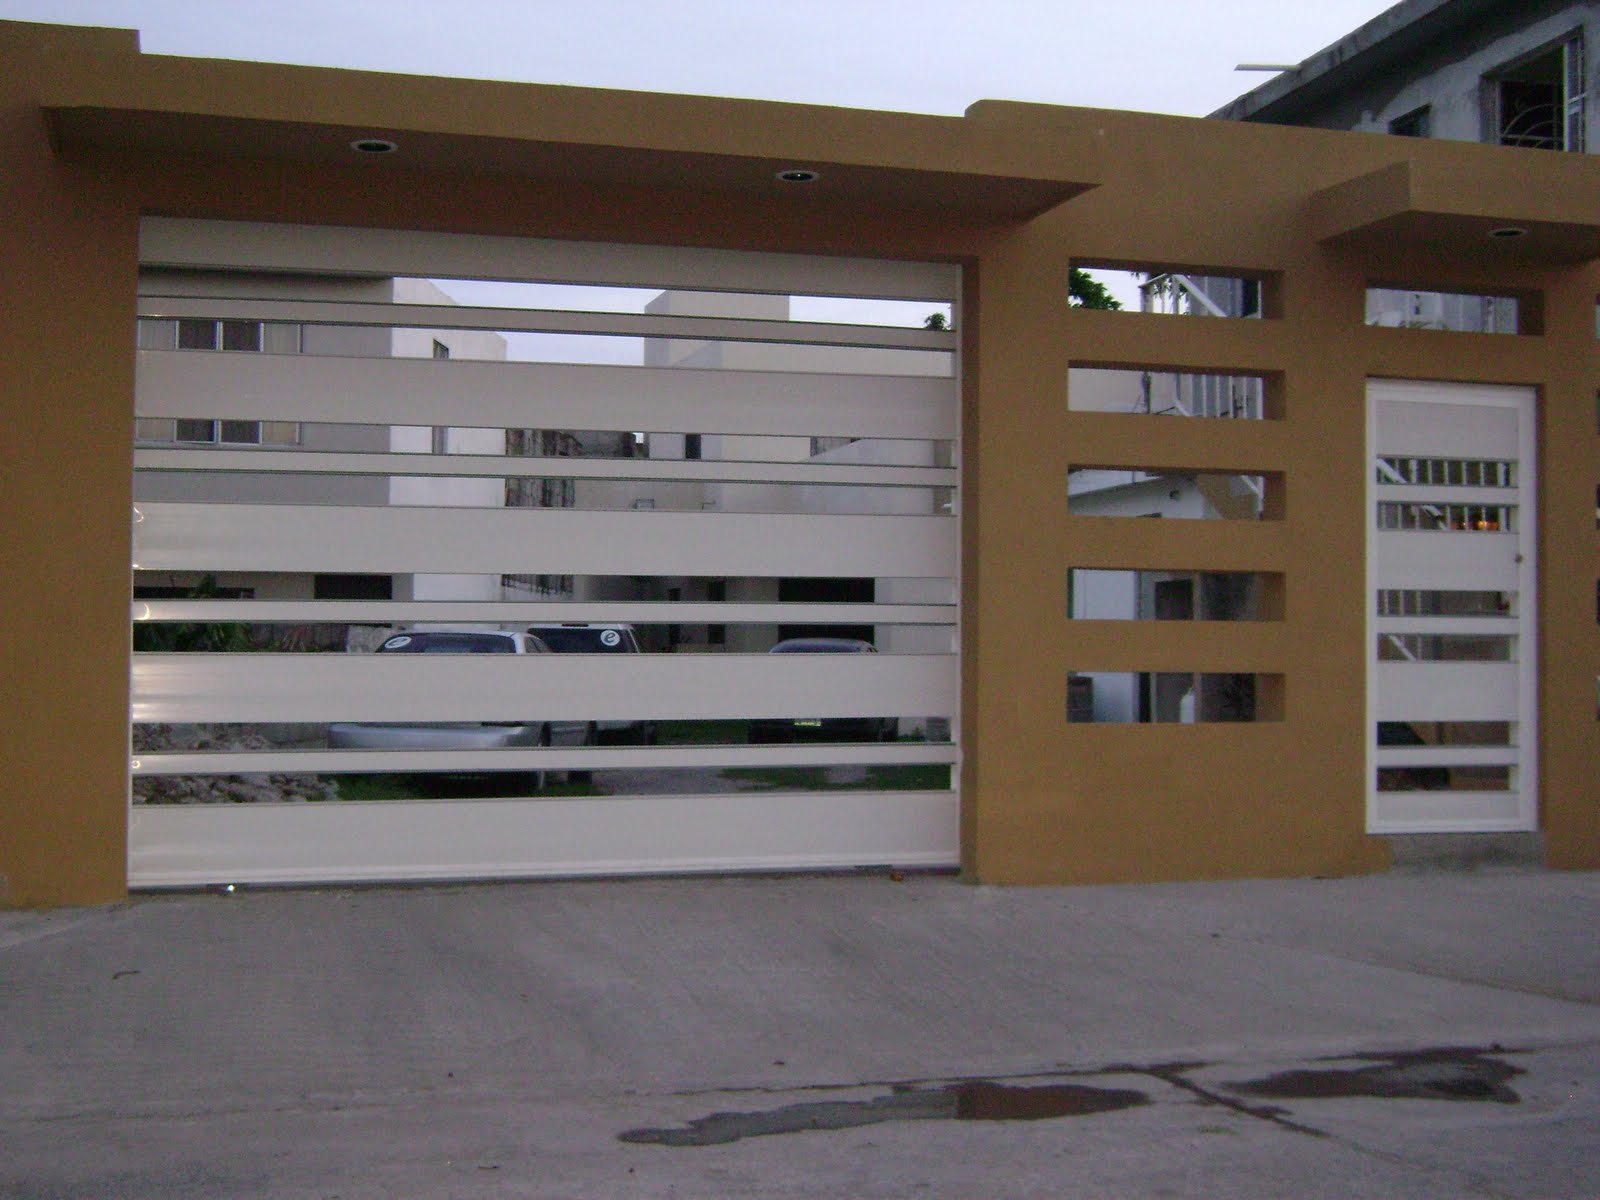 Herrería Y Portones Casas Tampico Madero: Technology & Doors: Puertas Y Portones